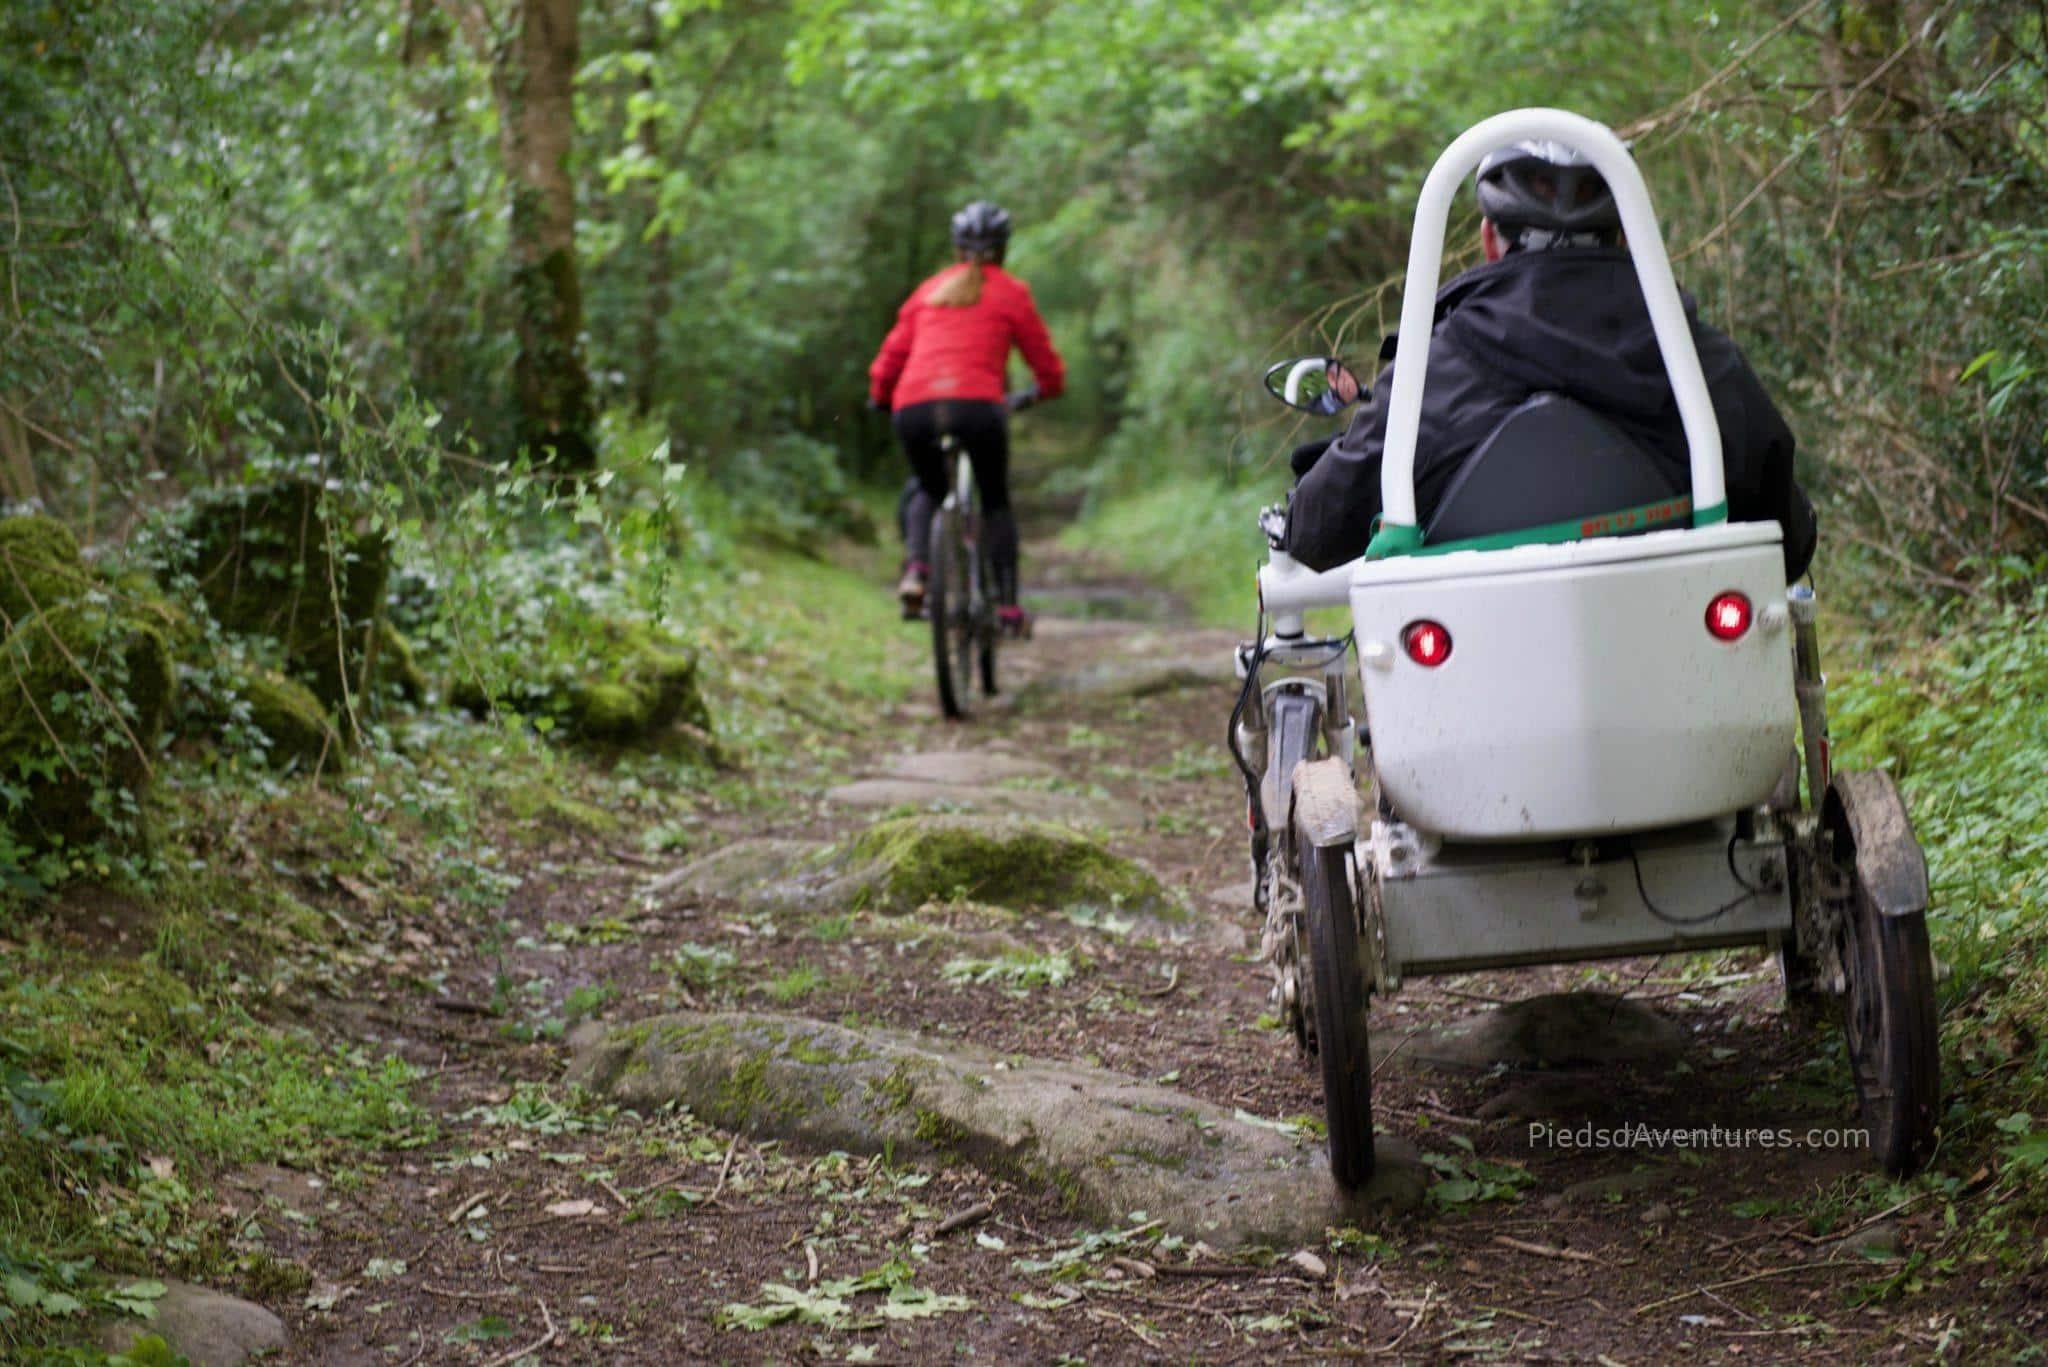 Randonnée handicap avec mobile dream